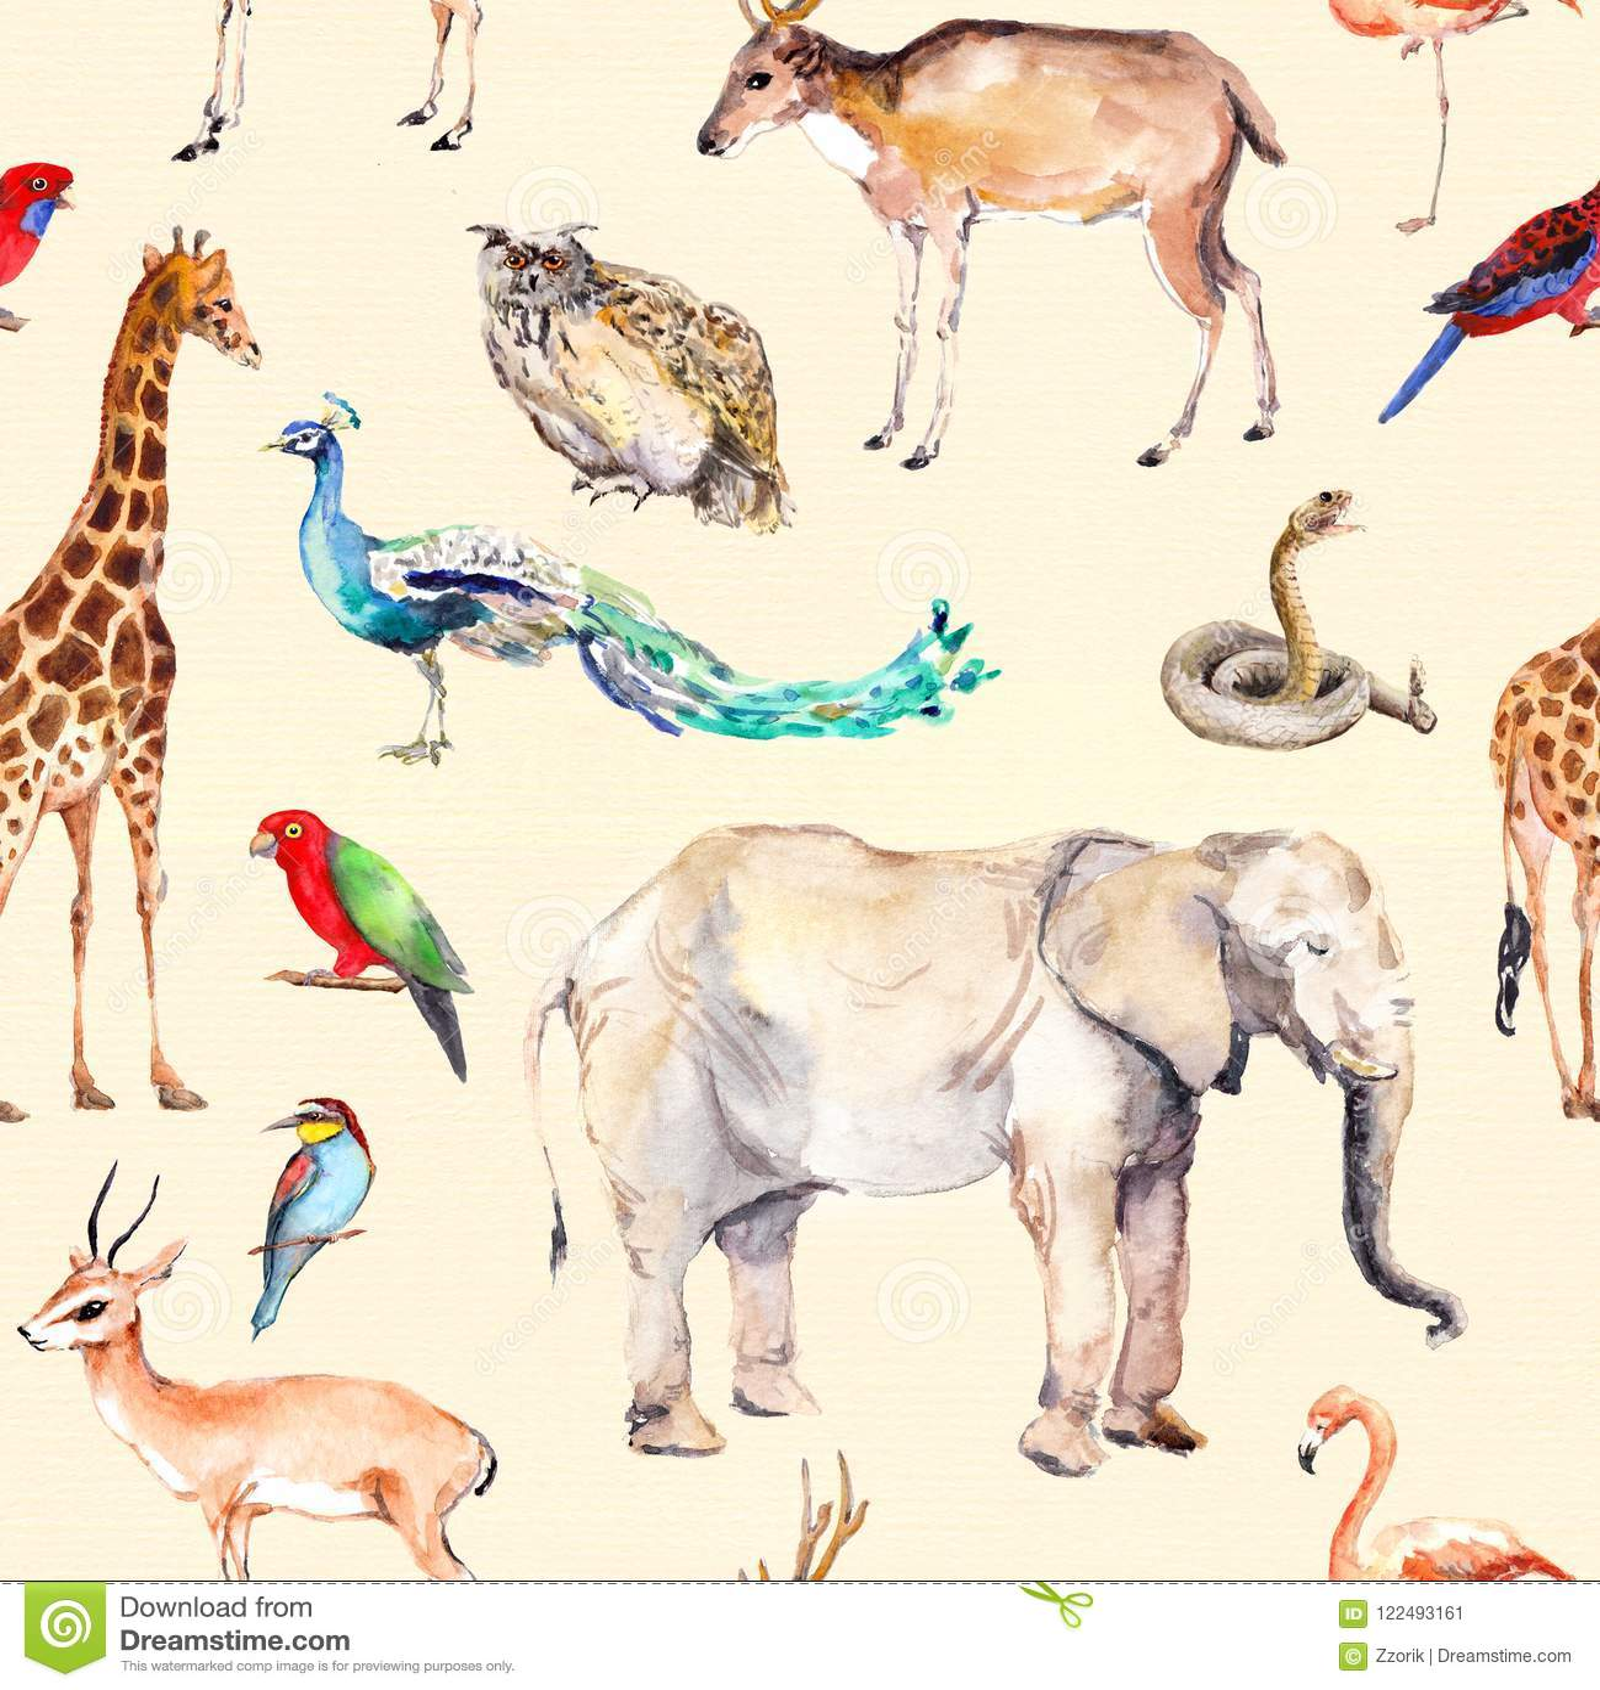 Wilde dieren en vogels - dierentuin, het wild - antilope, slang, herten, flamingo, andere Het herhalen van patroon watercolor